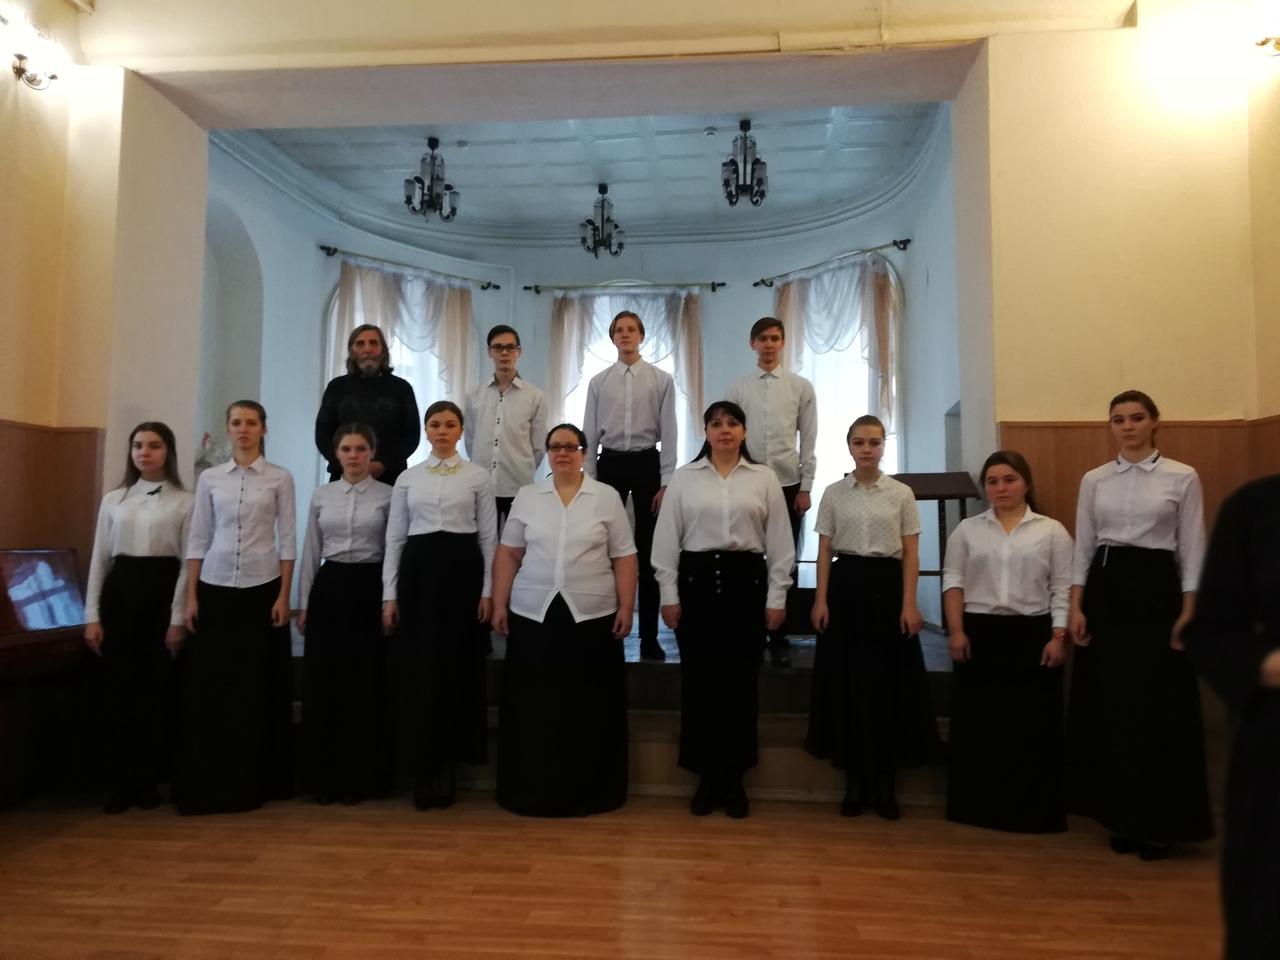 VIII Областной конкурс хоров и хоровых ансамблей им. Т.Н.Хренникова